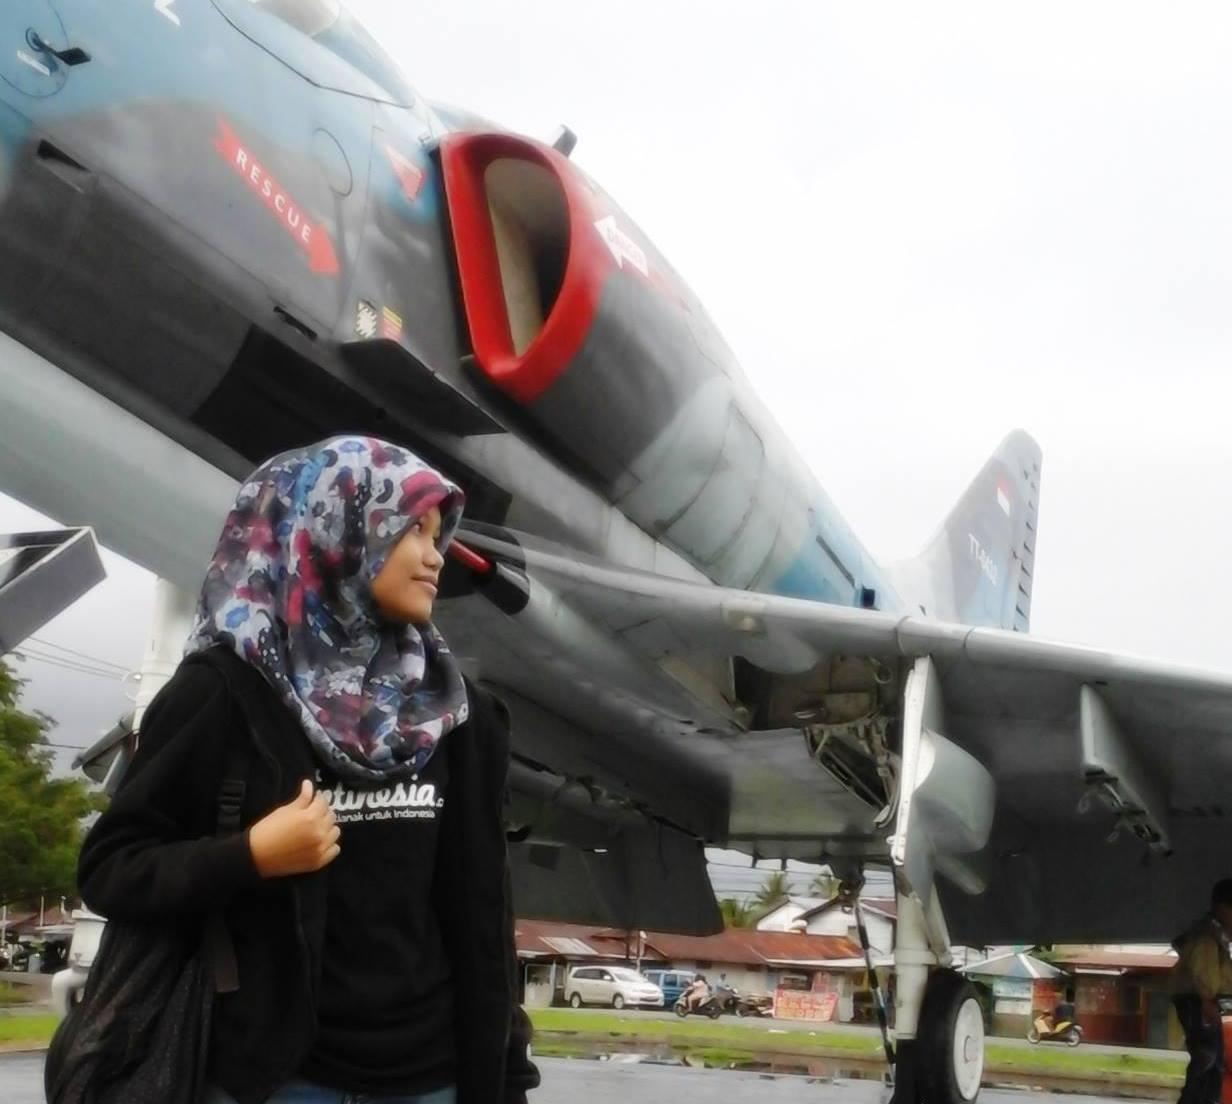 Wisata Sejarah Pesawat 4e Skyhawk Jet Tempur Lanud Supadio Tugu